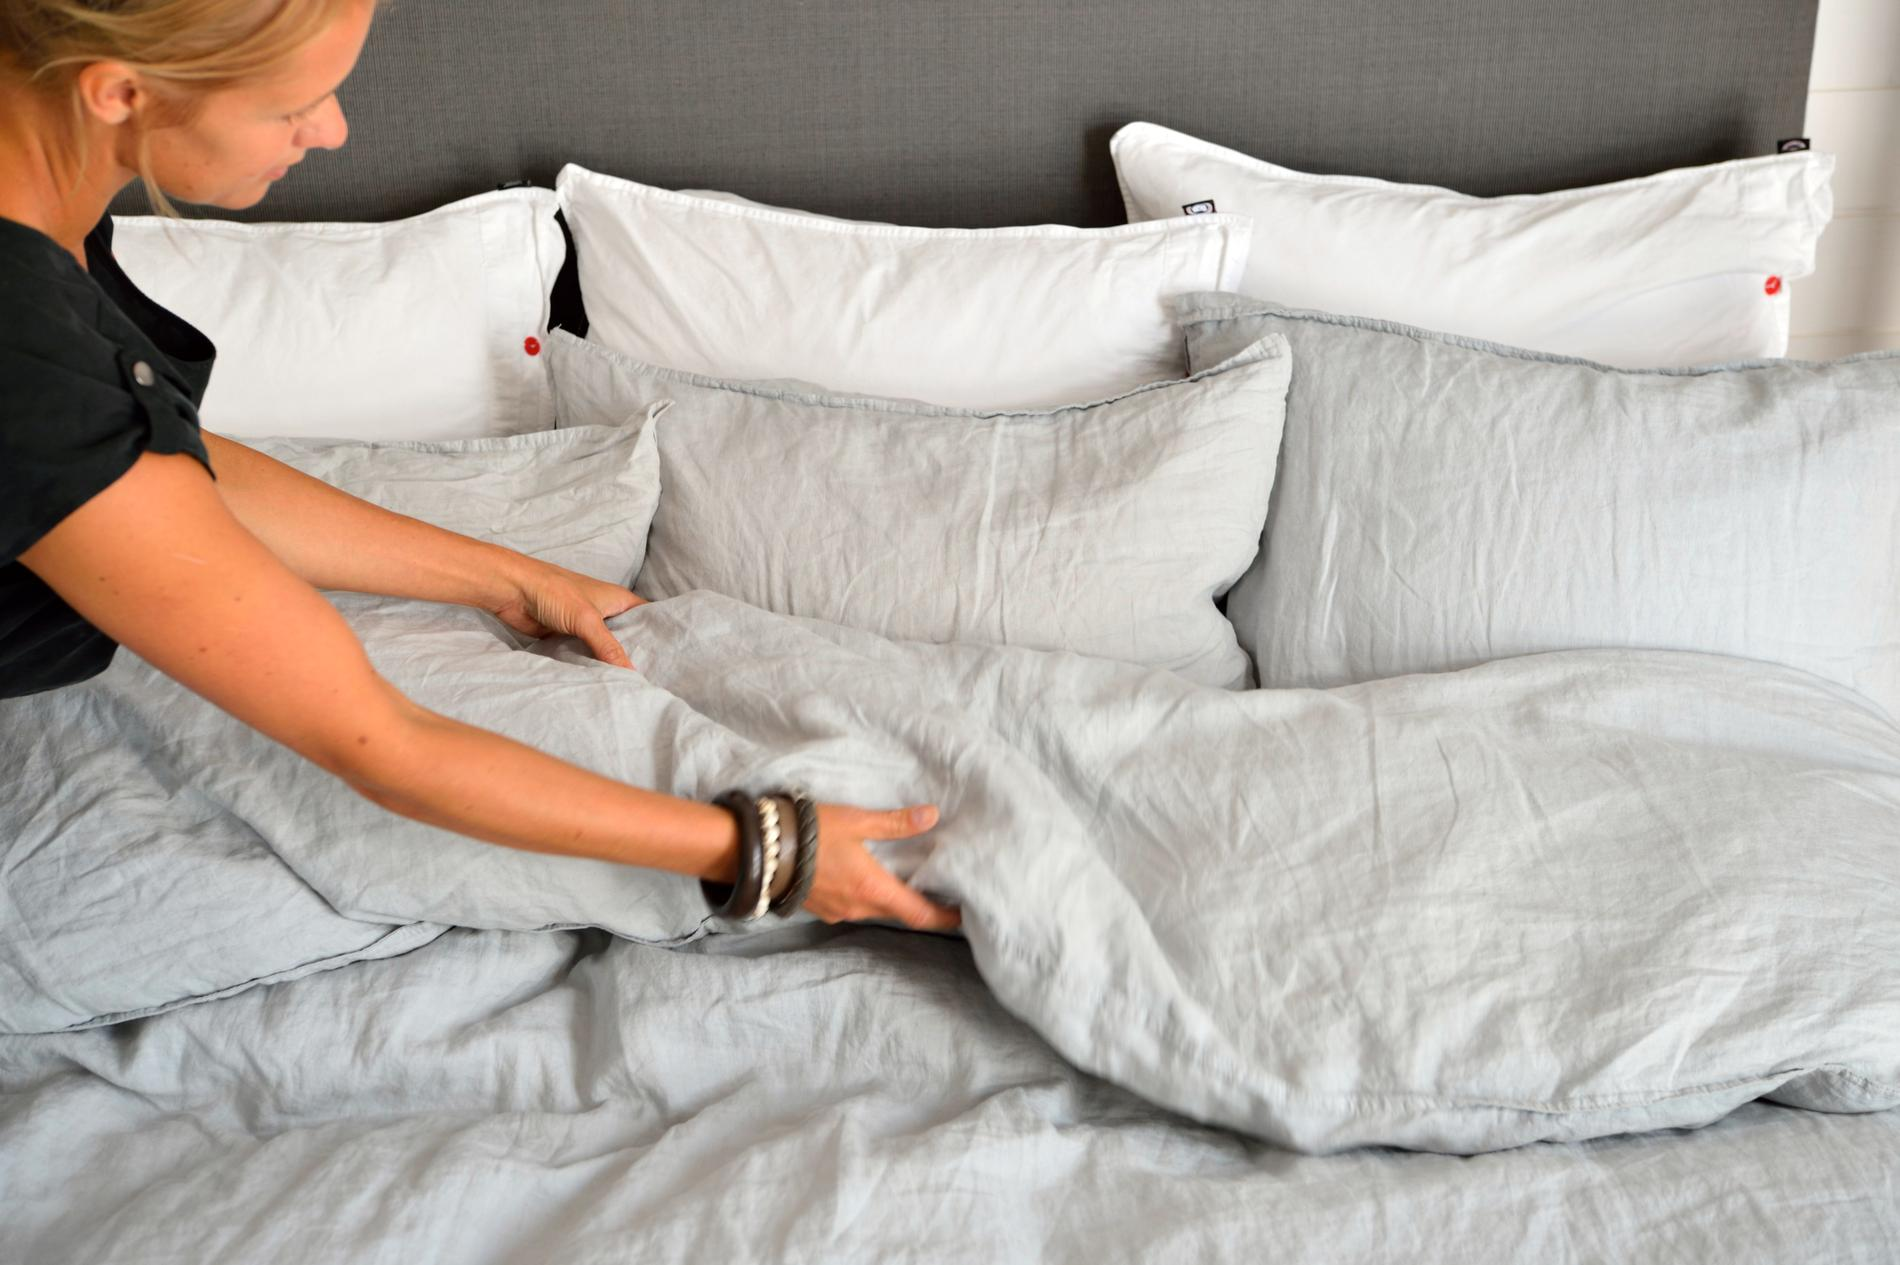 Springmask sprids genom att man får i sig äggen via händerna, leksaker, underkläder, sängkläder och damm. Byt underkläder och pyjamas direkt om du drabbats och tvätta sängkläderna så fort som möjligt.